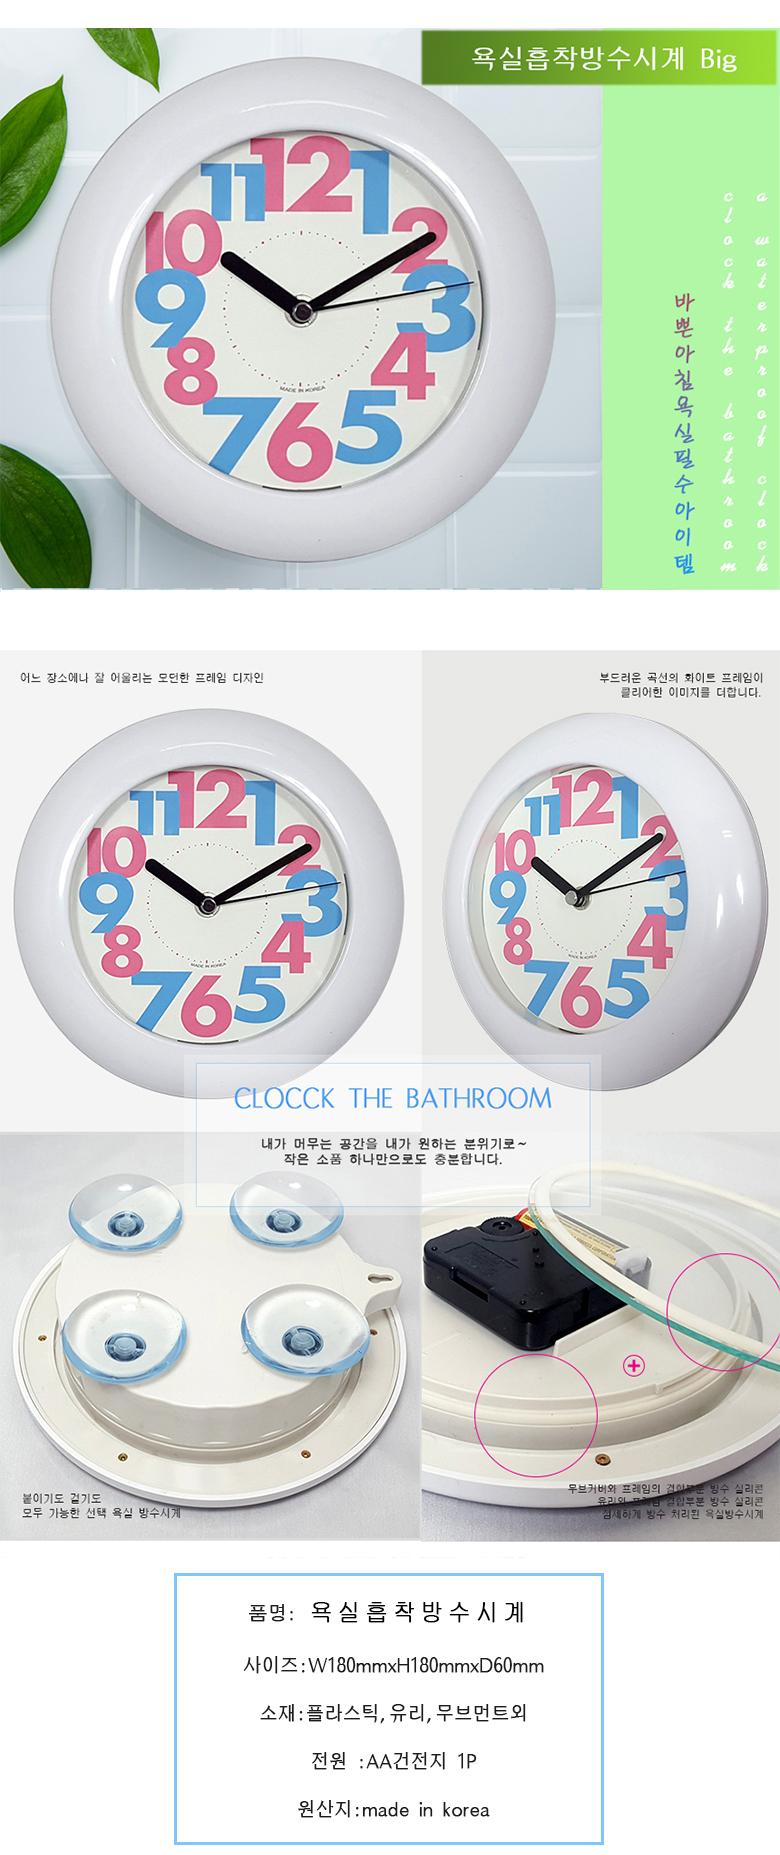 화이트 흡착방수욕실시계 모음20,000원-일이삼클락인테리어, 시계, 벽시계, 흡착바보사랑화이트 흡착방수욕실시계 모음20,000원-일이삼클락인테리어, 시계, 벽시계, 흡착바보사랑